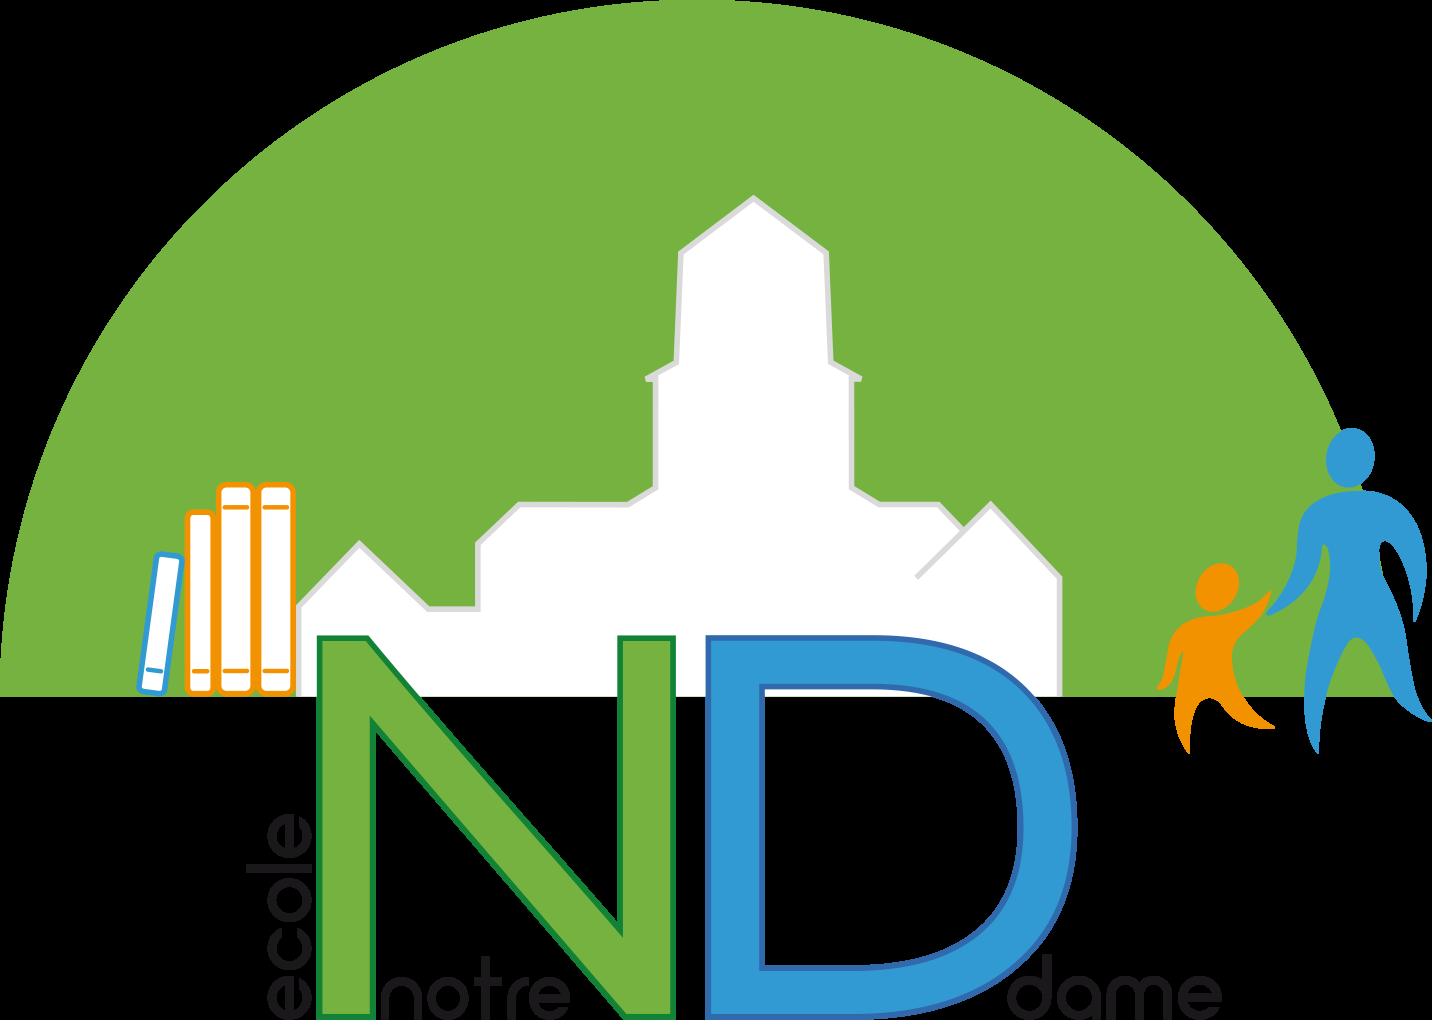 École Notre Dame – Blain Saint-Émilien